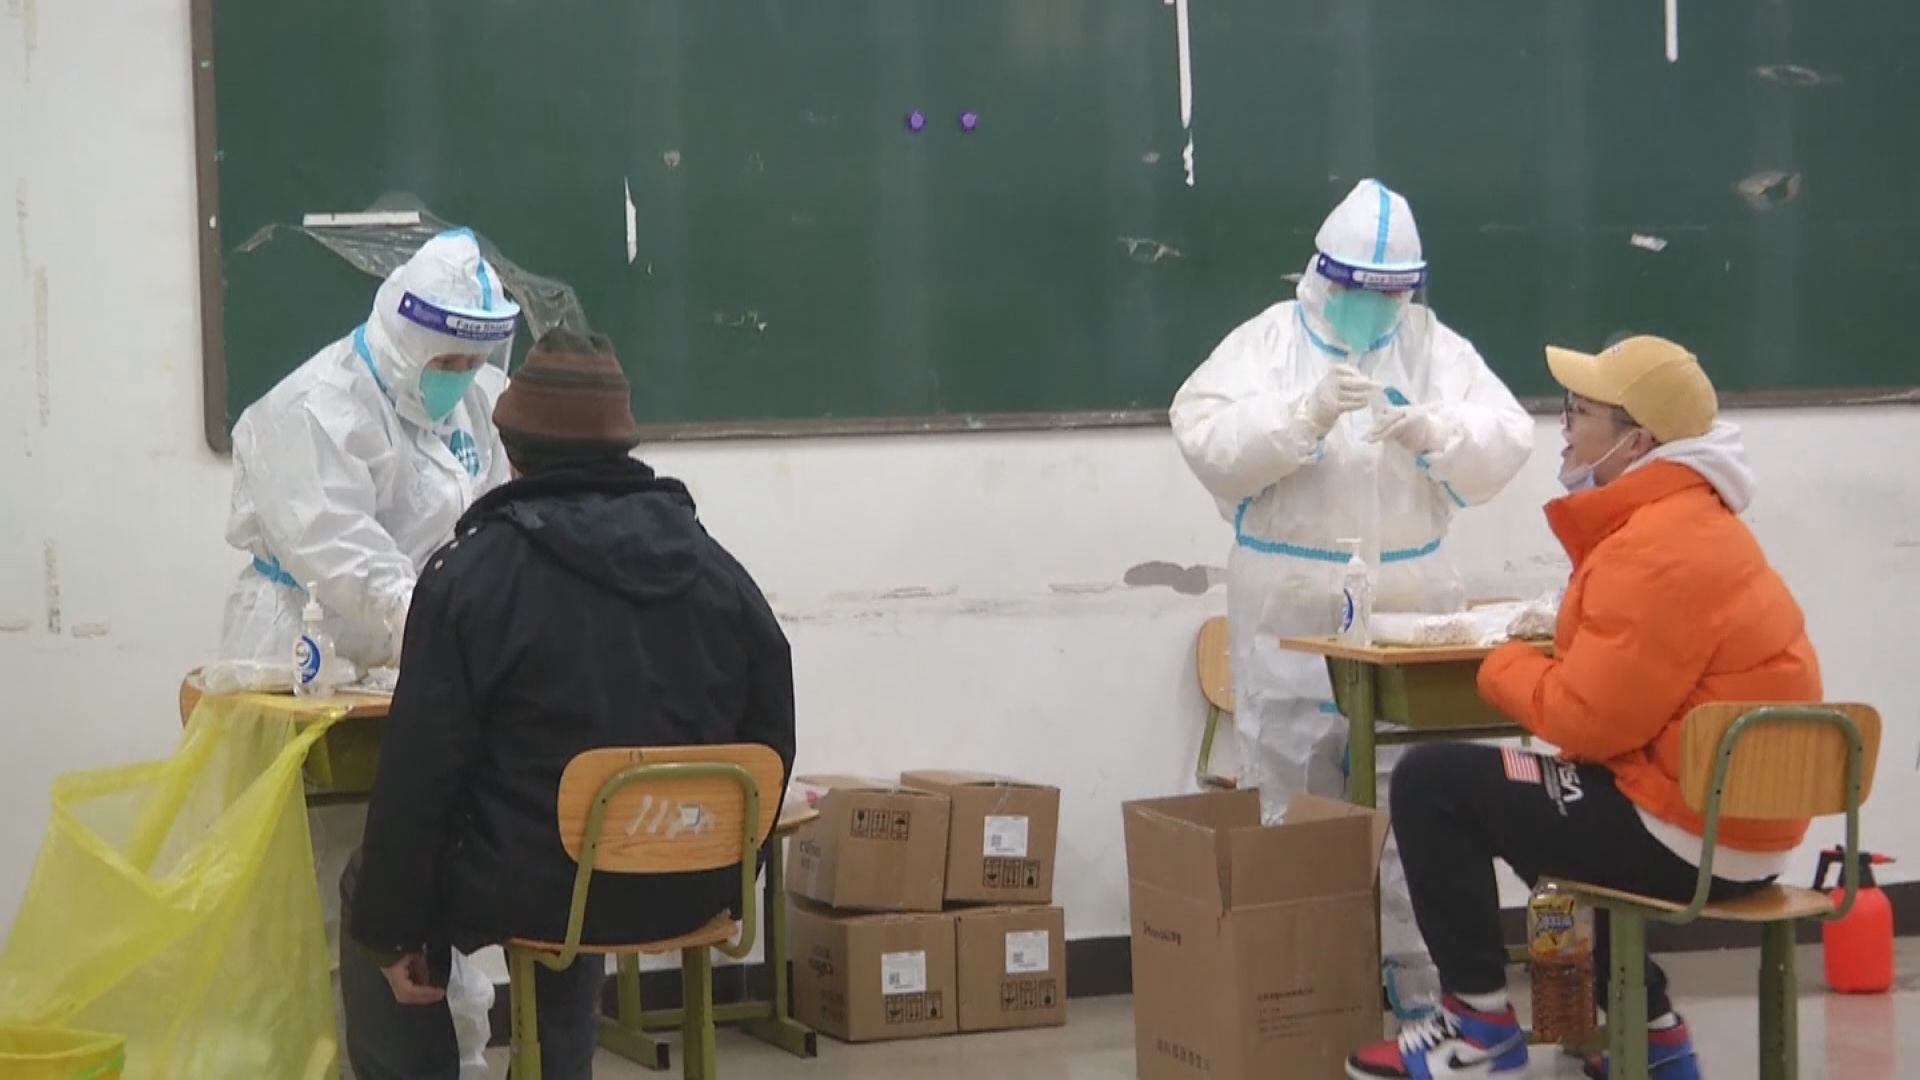 北京大興區實施封閉管理 居民要隔離和接受核酸檢測